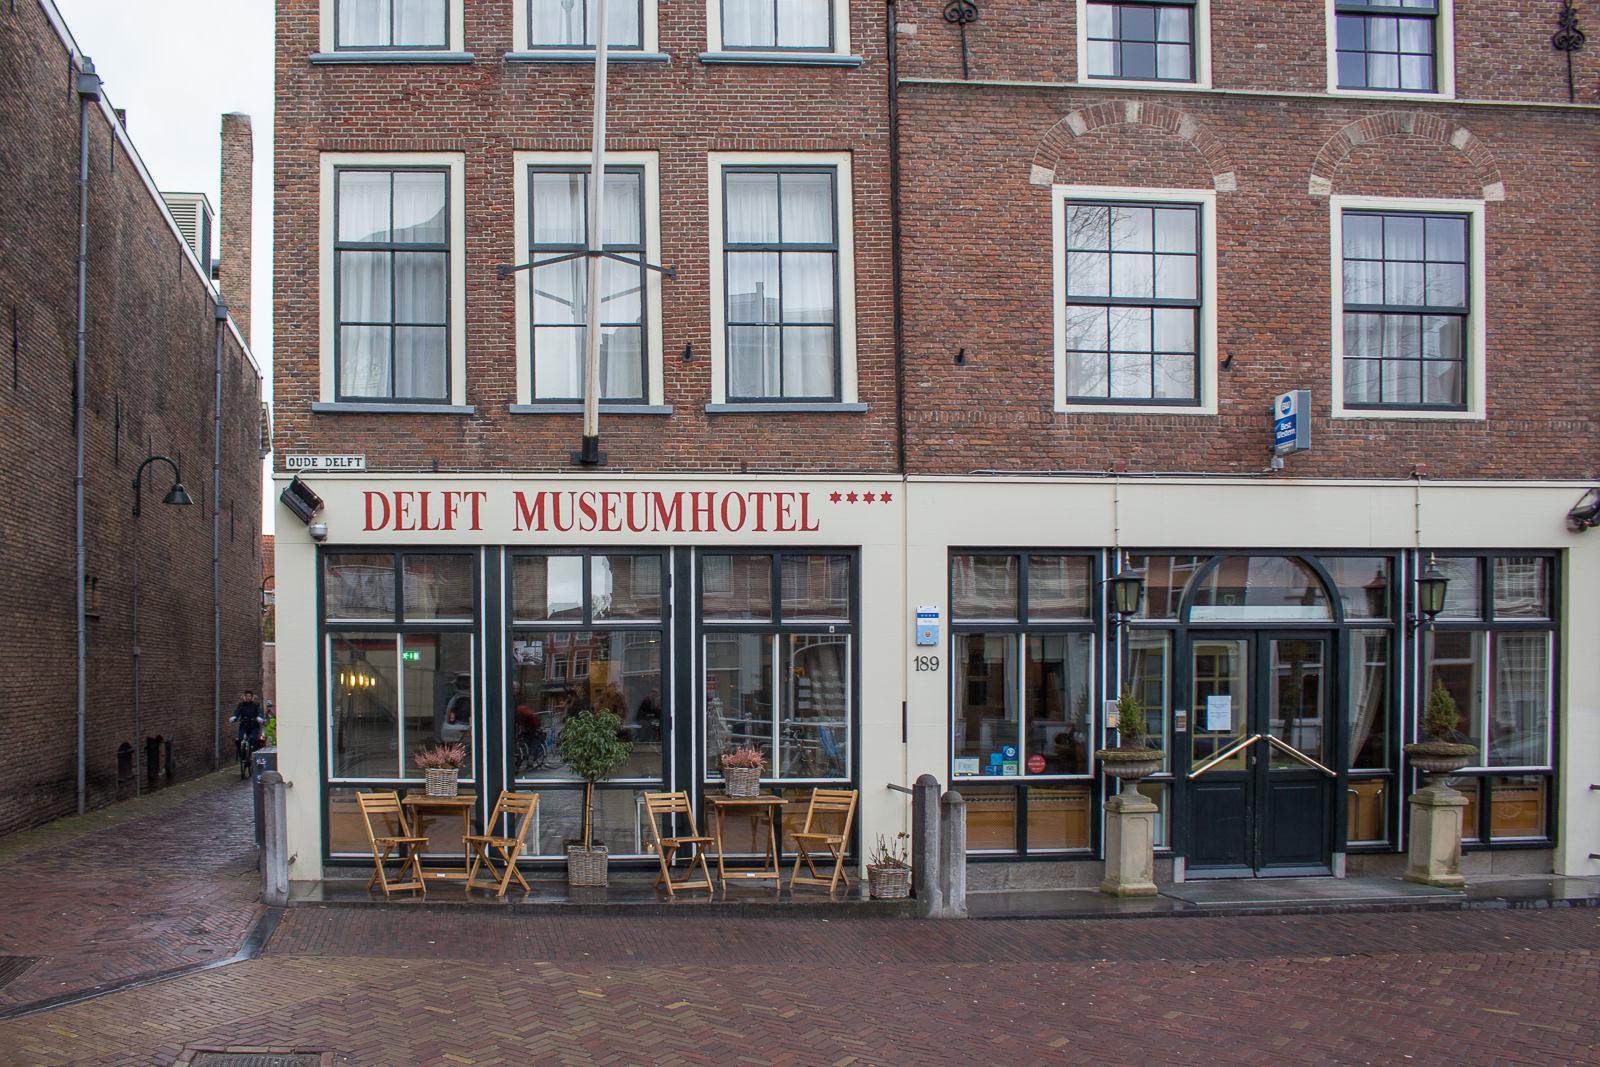 delft, südholland, holland, niederlande, städtetrip, sightseeing, Best Western, Hotel, Kunsthotel